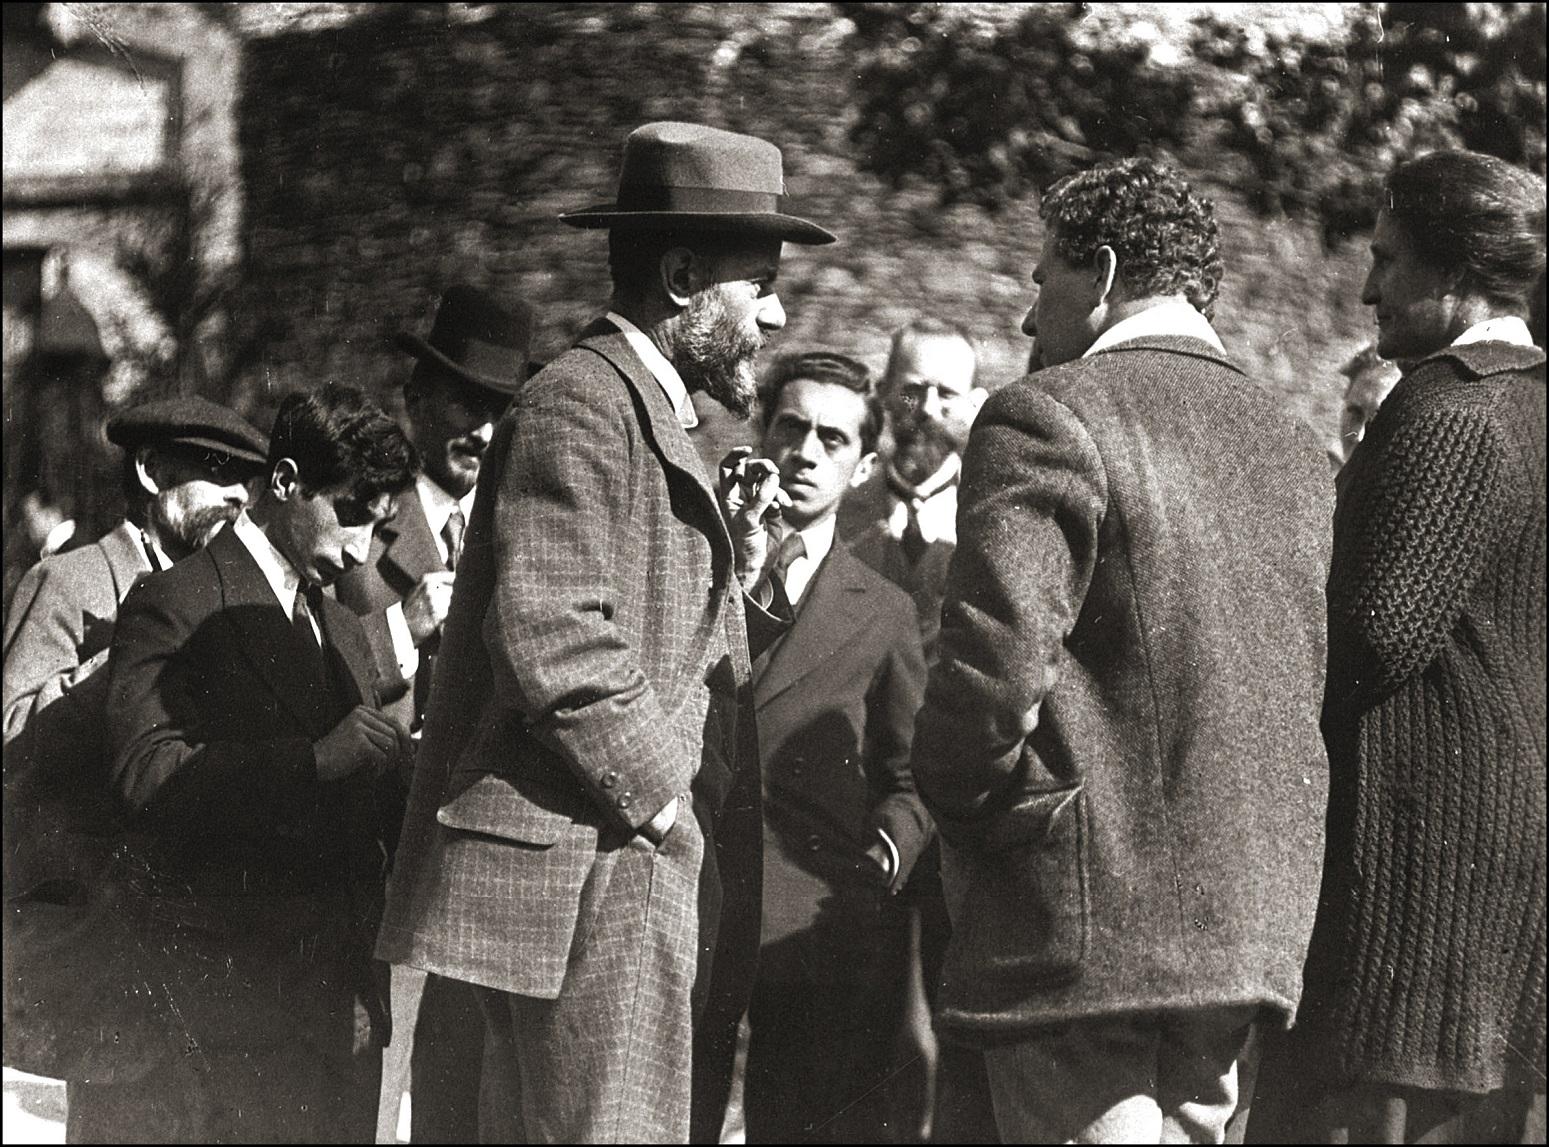 O sociólogo alemão Max Weber foi um dos primeiros a mostrar a relação entre o comportamento econômico e as raízes religiosas. Foto Leemage